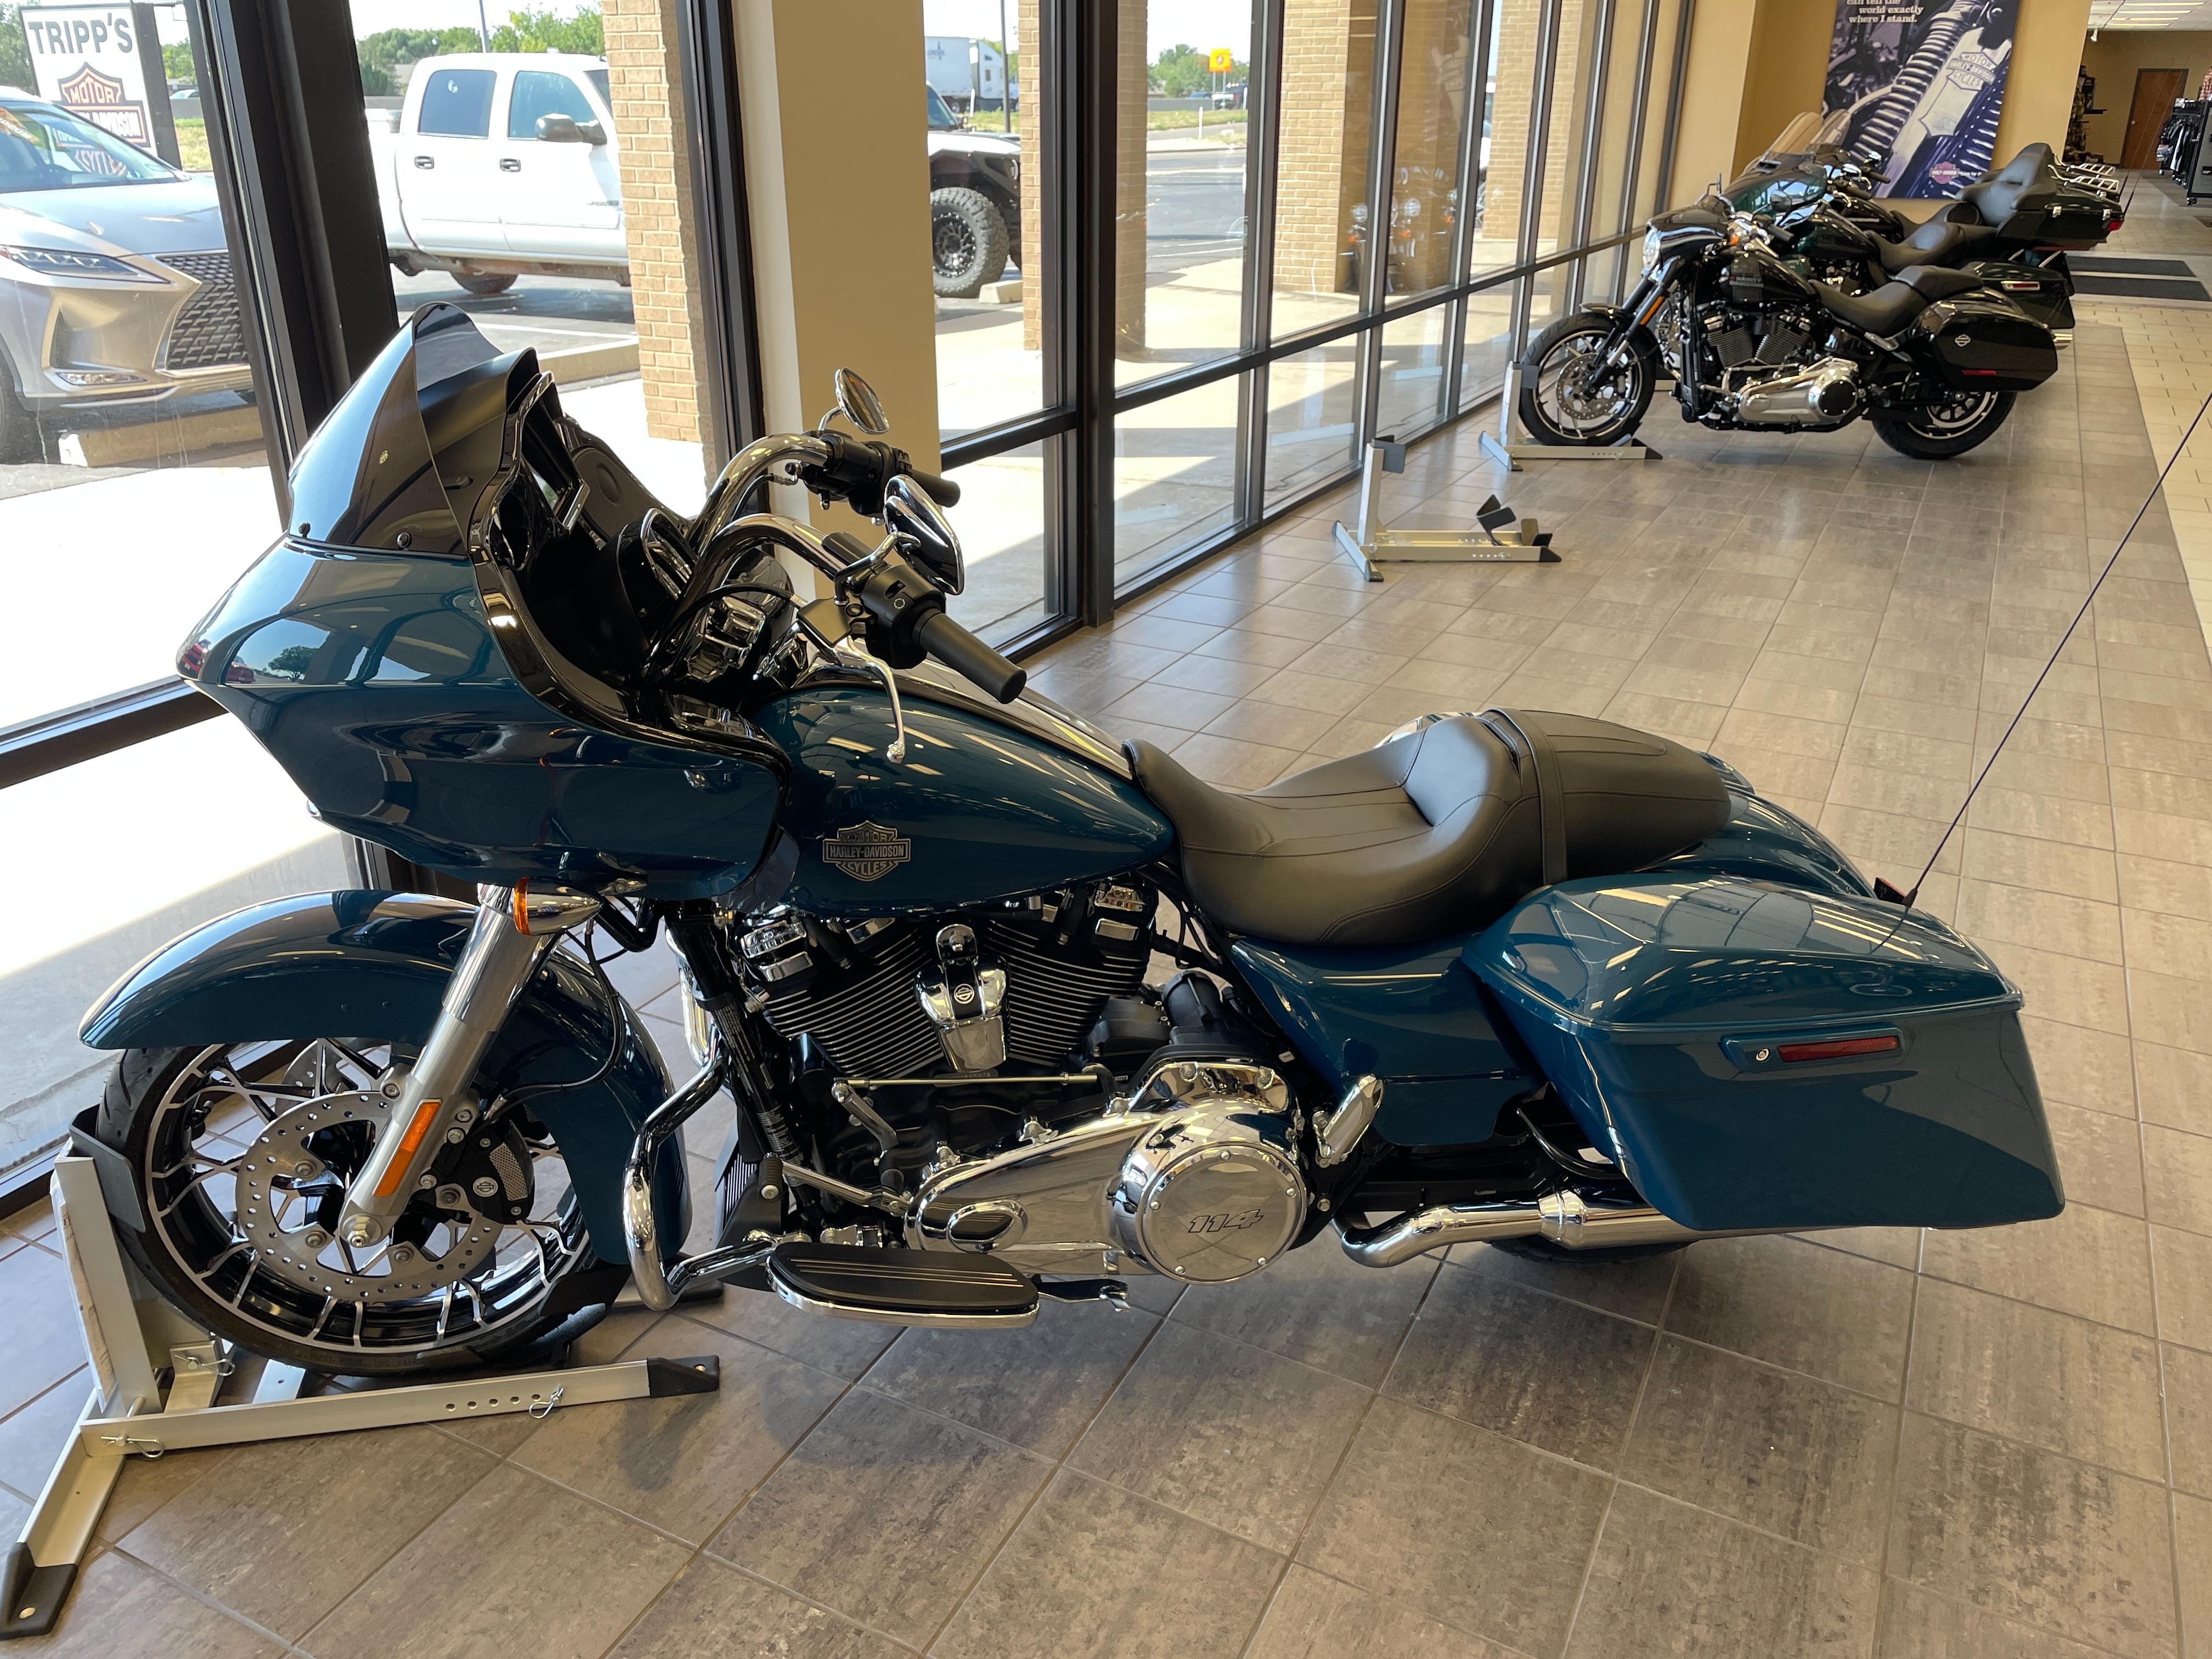 2021 Harley-Davidson Road Glide Special Road Glide Special at Tripp's Harley-Davidson